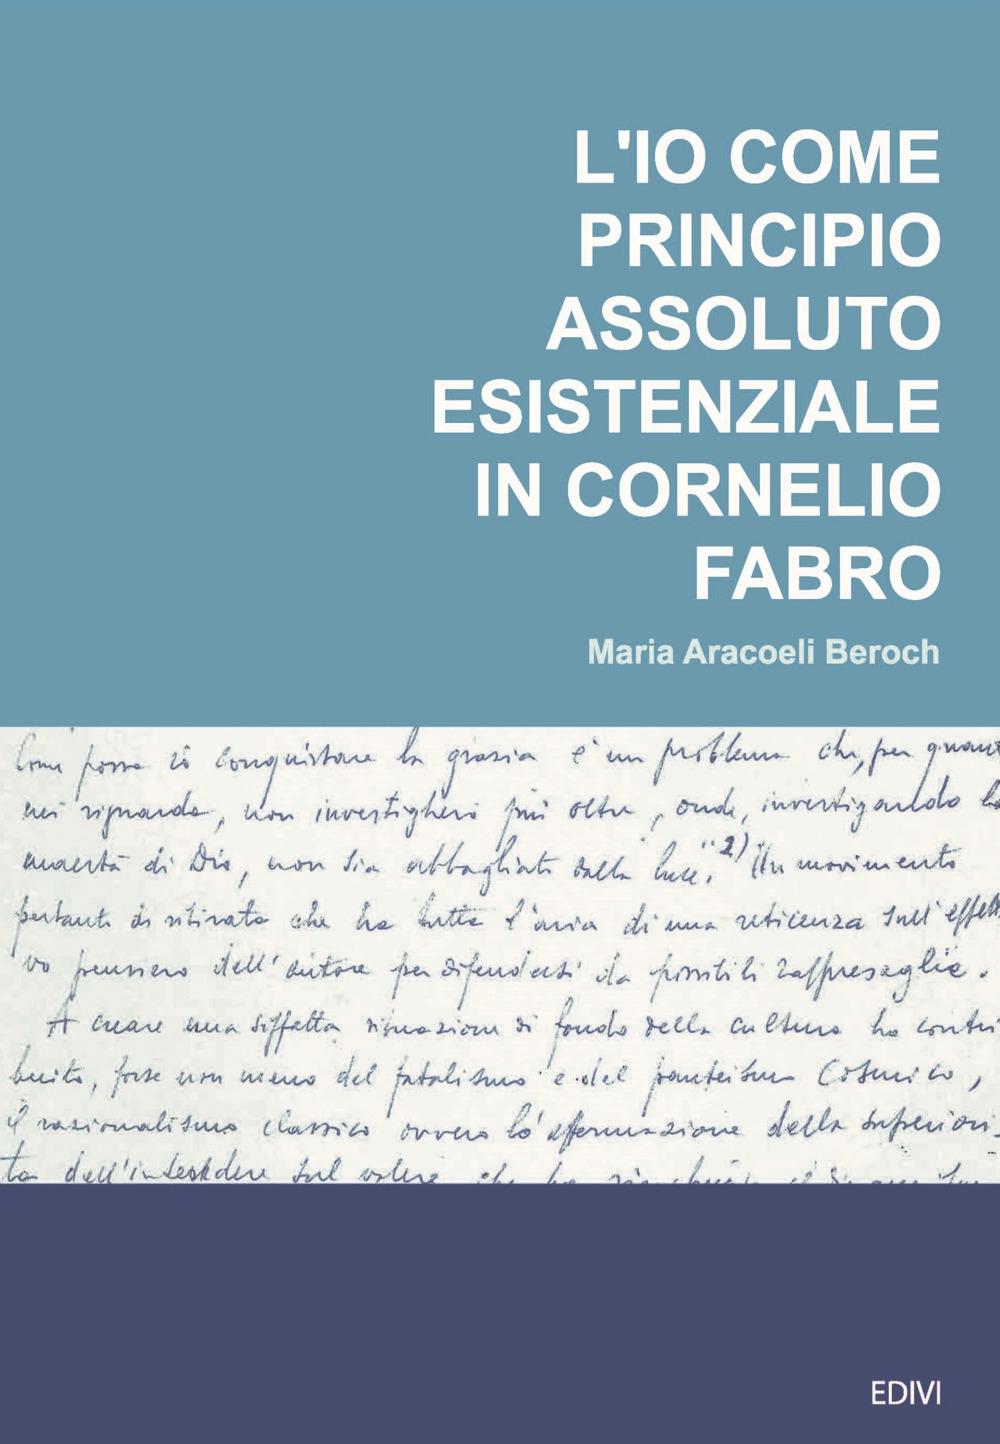 L'io come principio assoluto esistenziale in Cornelio Fabro